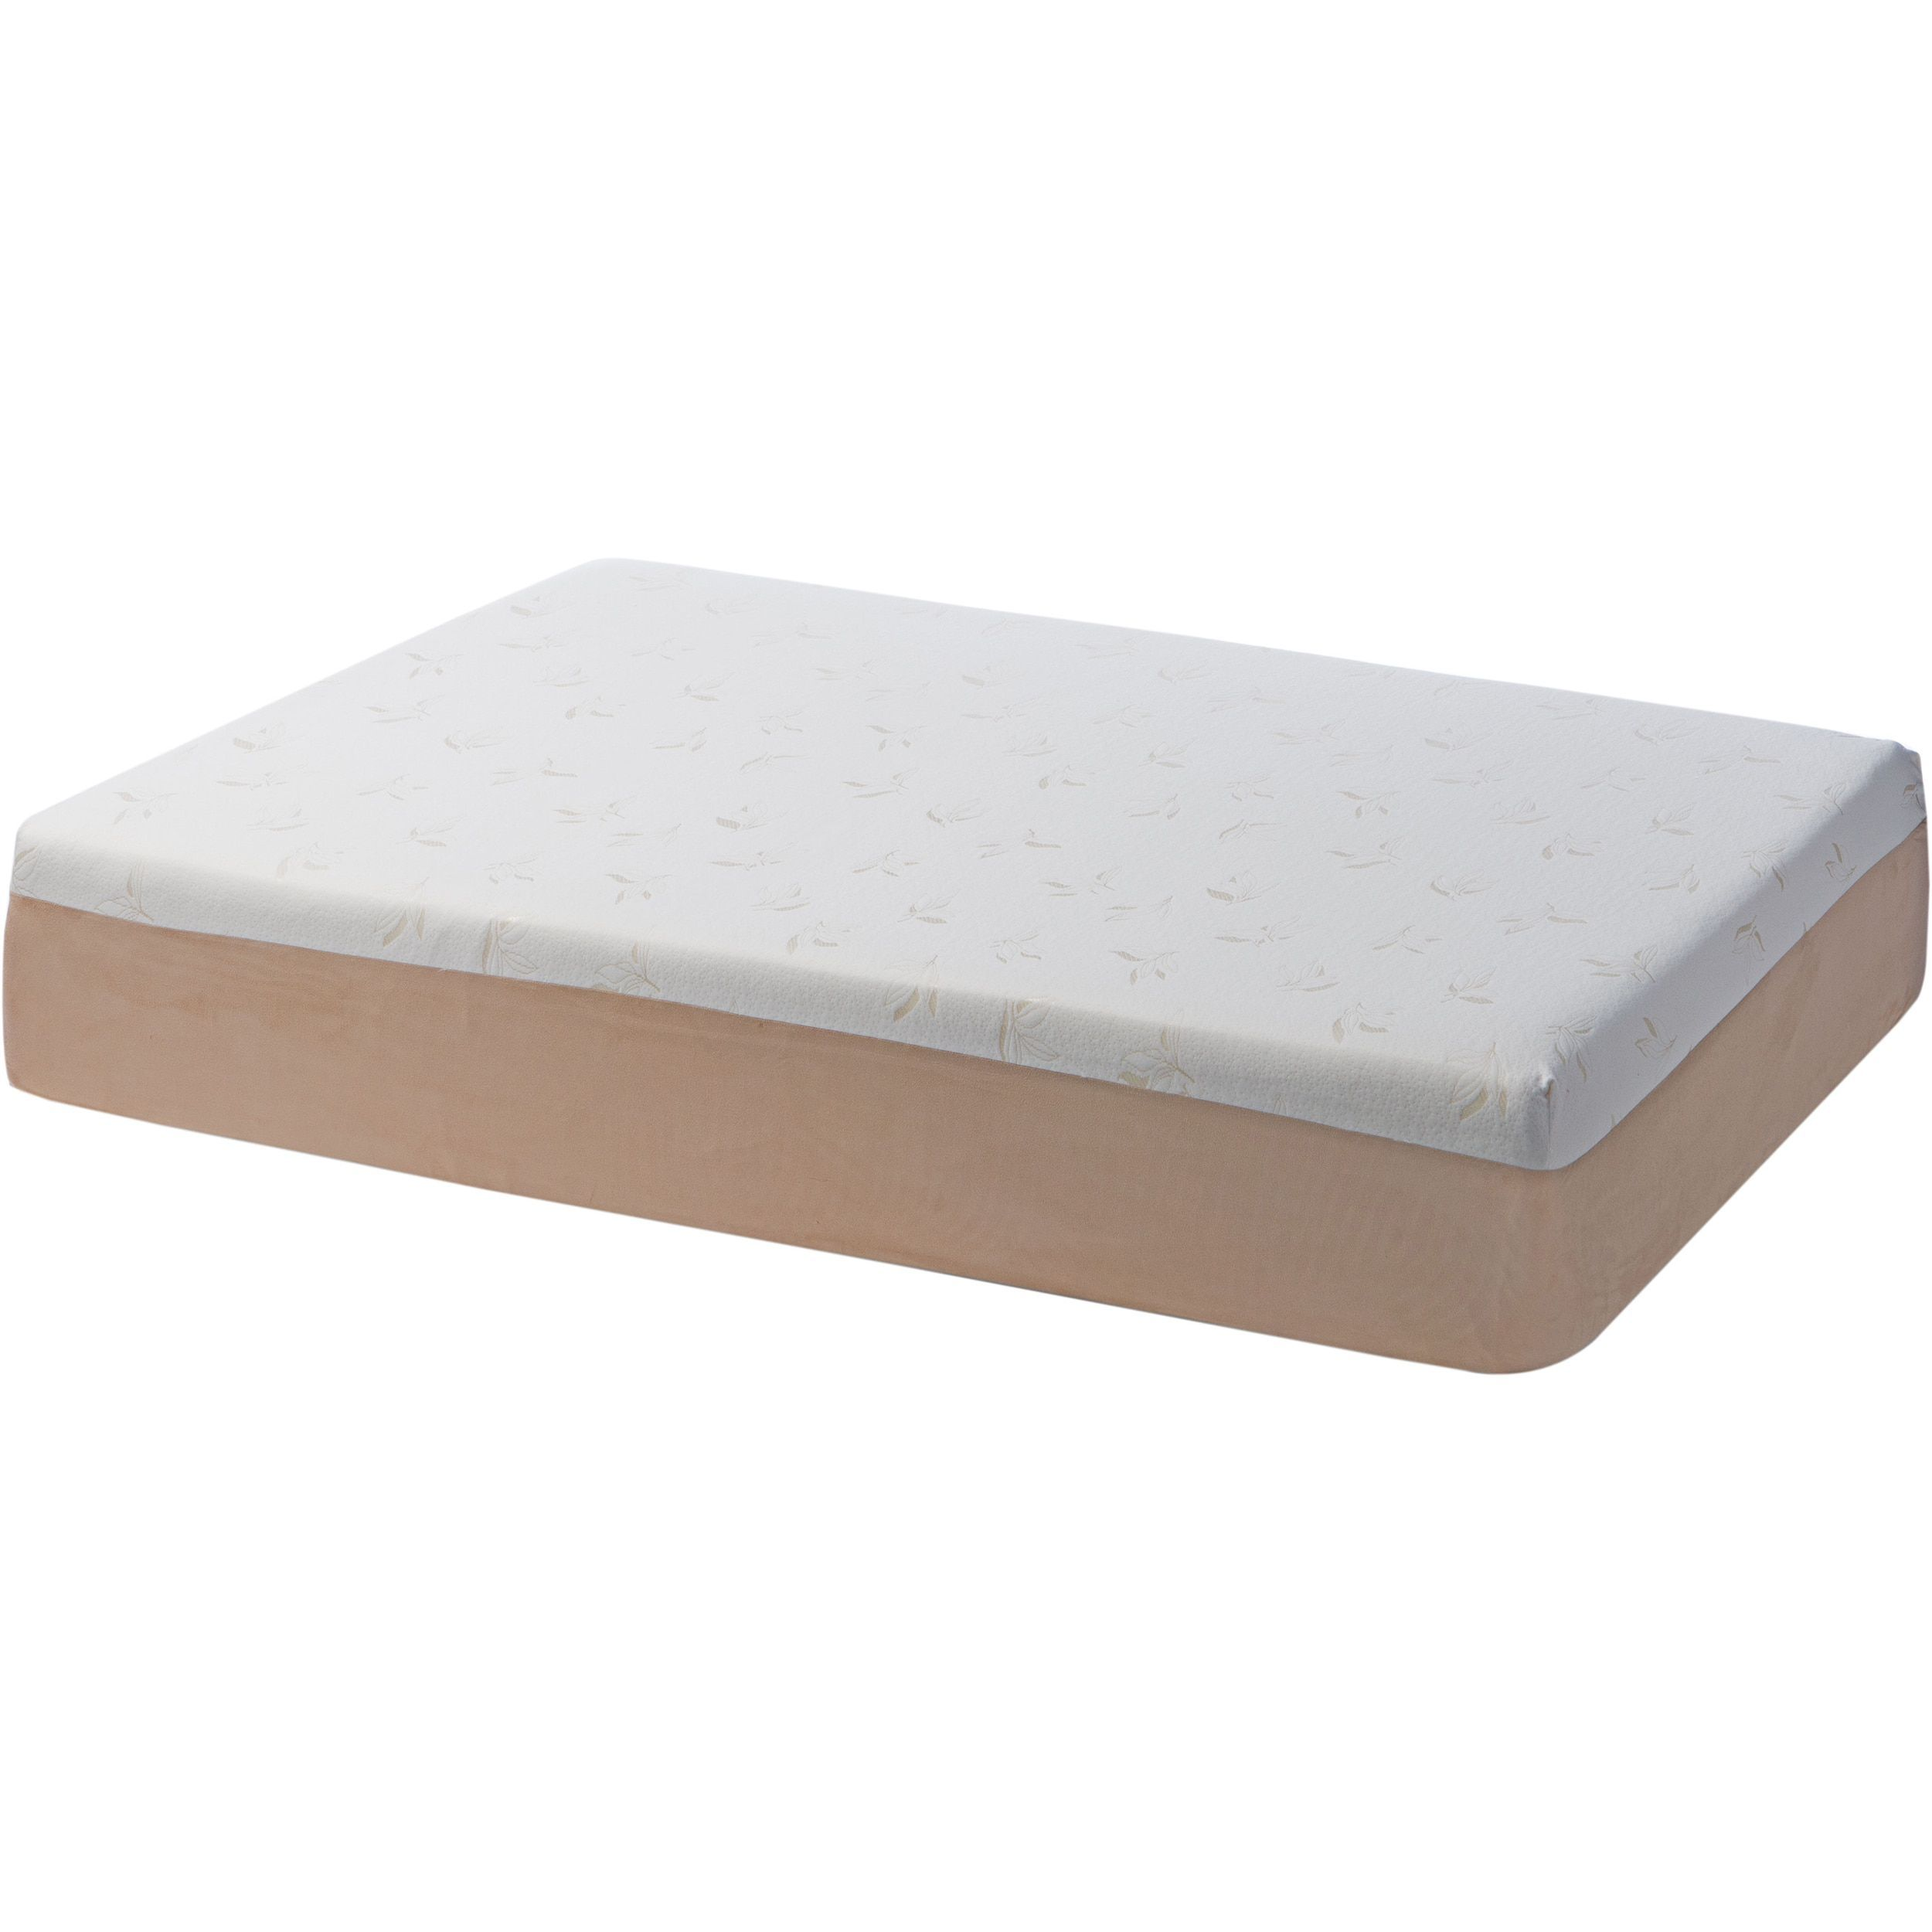 comfort dreams 14inch kingsize copper gel memory foam mattress firm multi